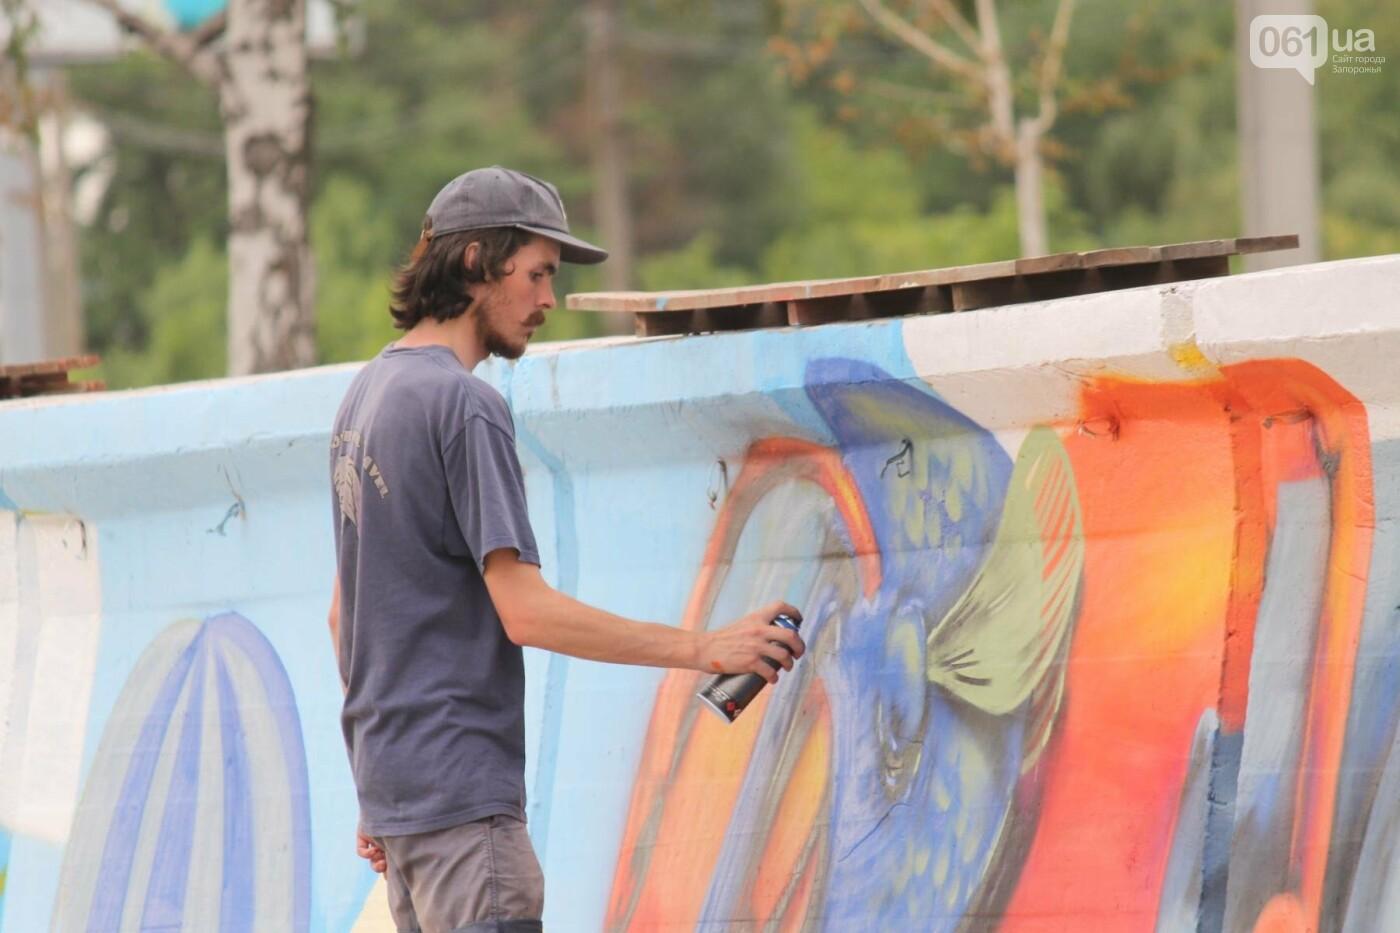 В Запорожье на пляже закончился фестиваль граффити: разрисовали 150 метров бетонной стены, – ФОТОРЕПОРТАЖ, фото-30